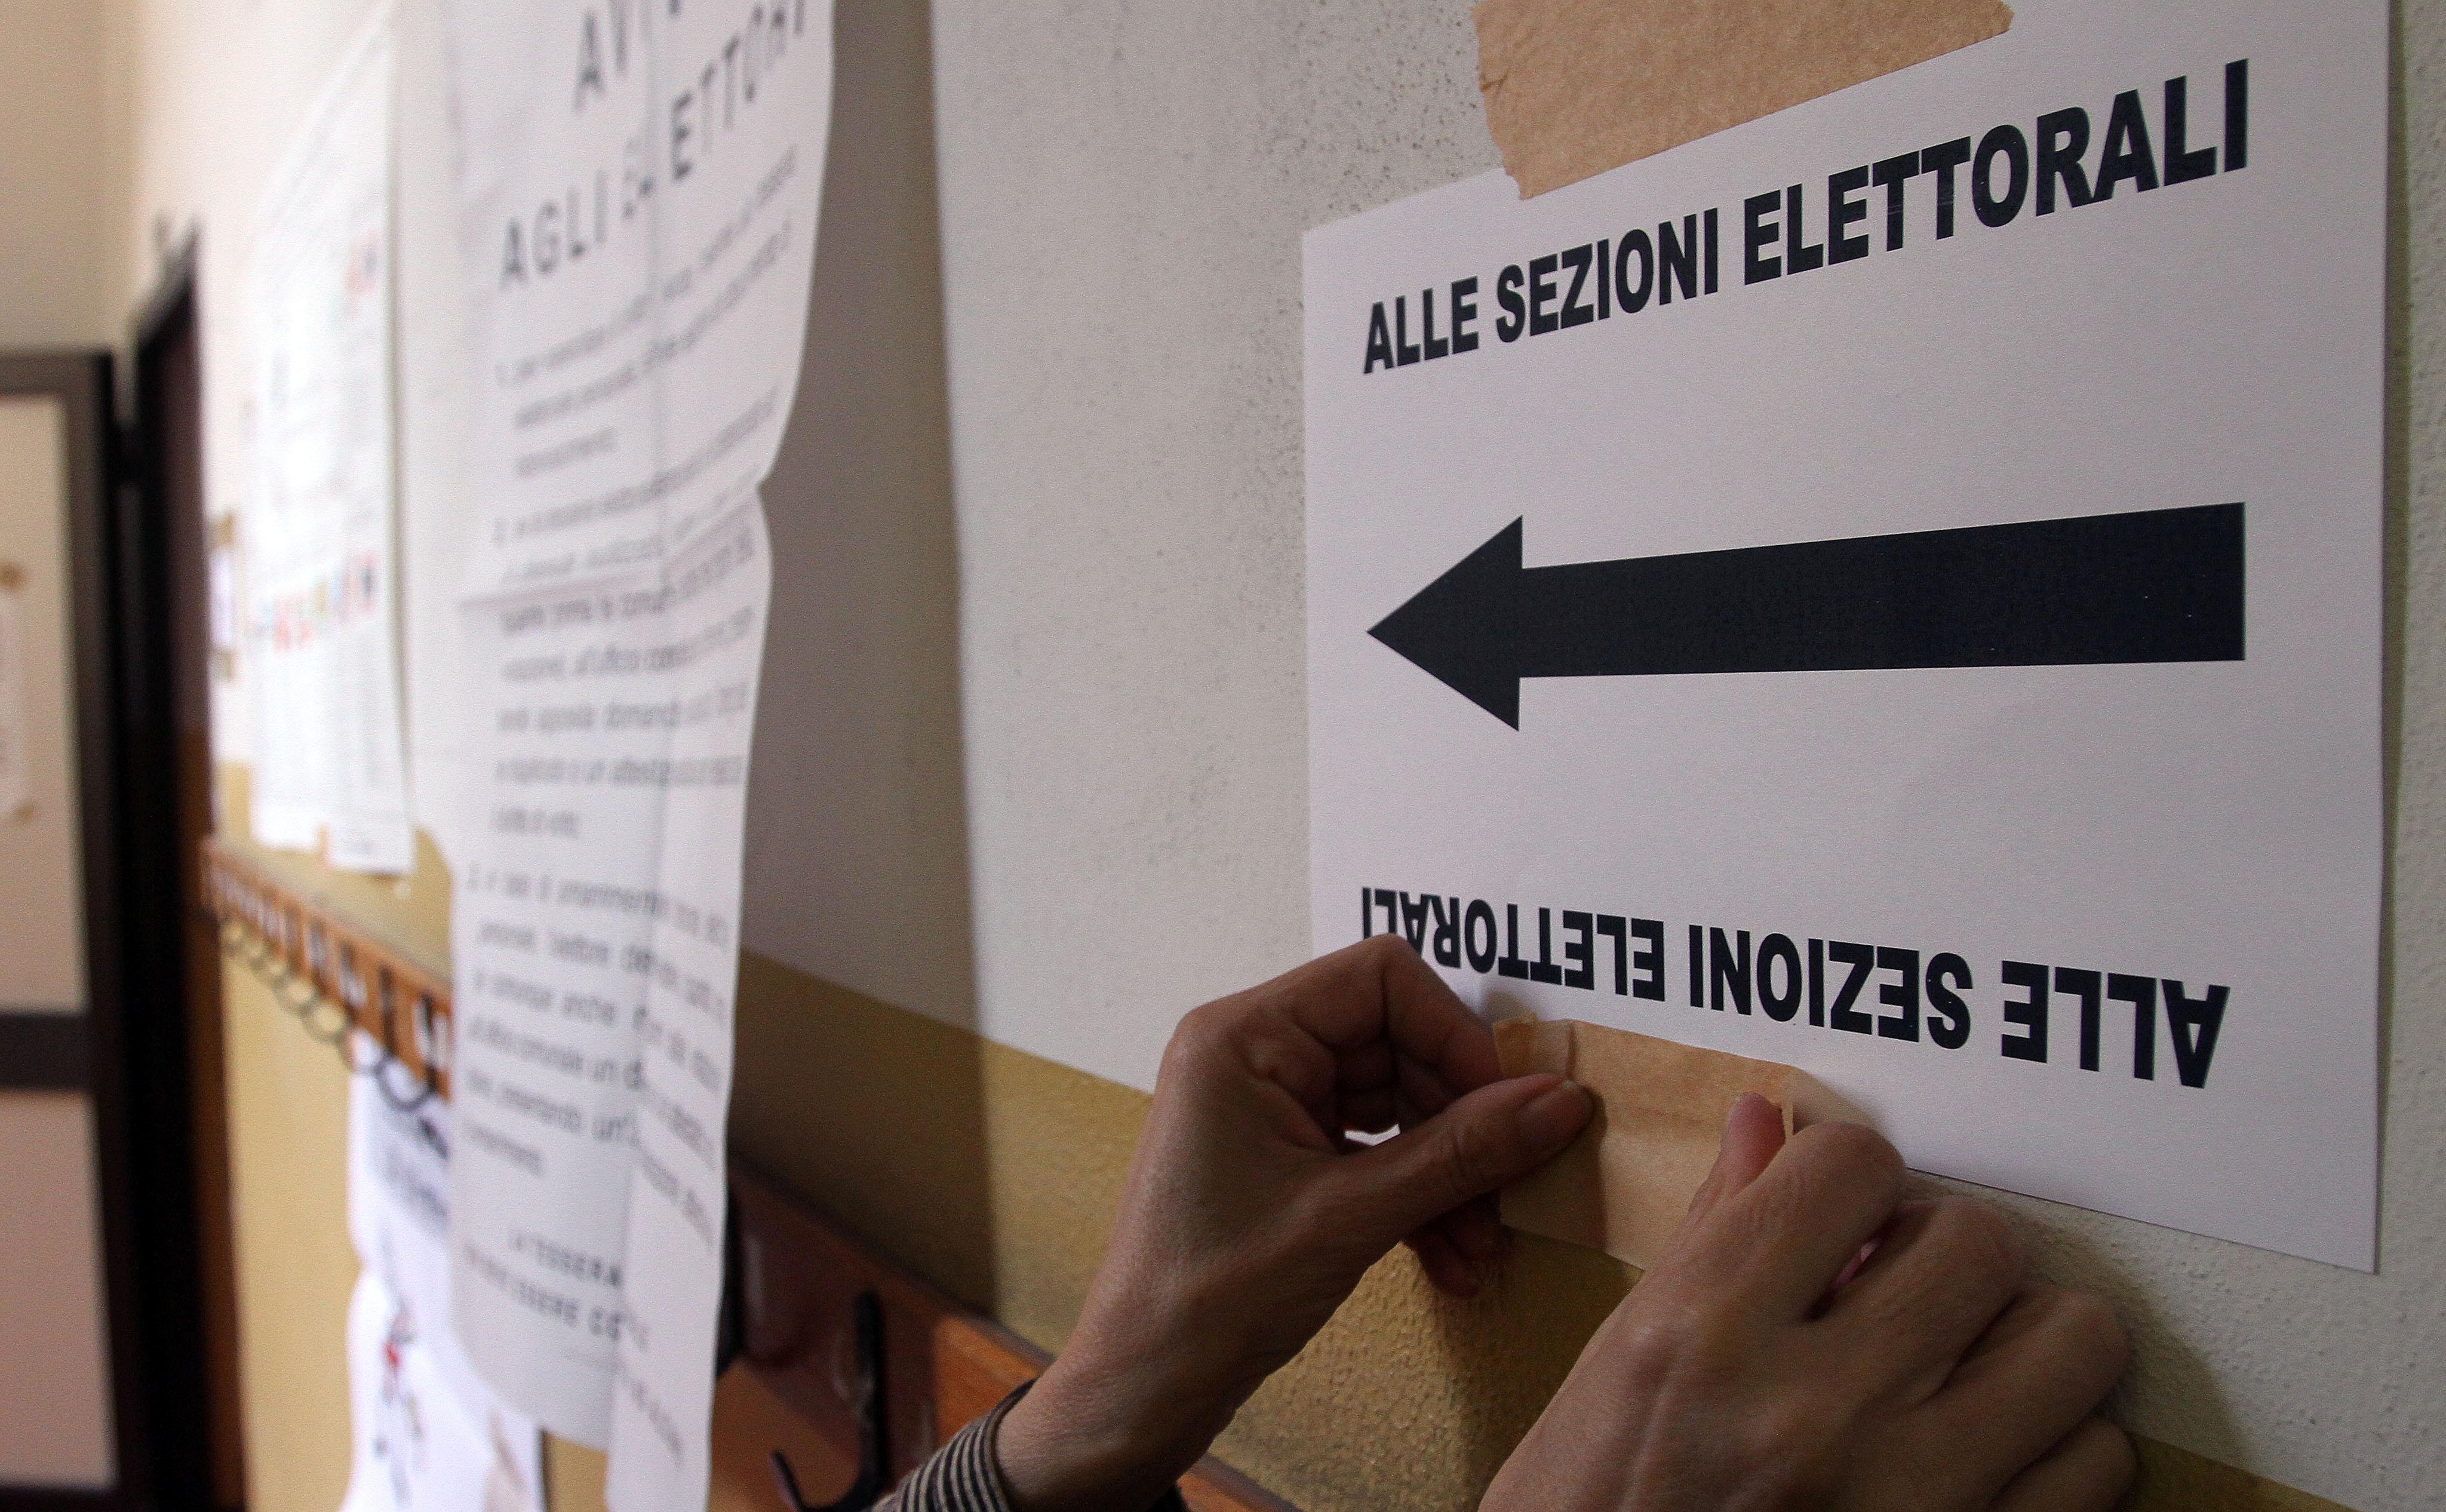 Elezioni 2018: come si vota il 4 marzo